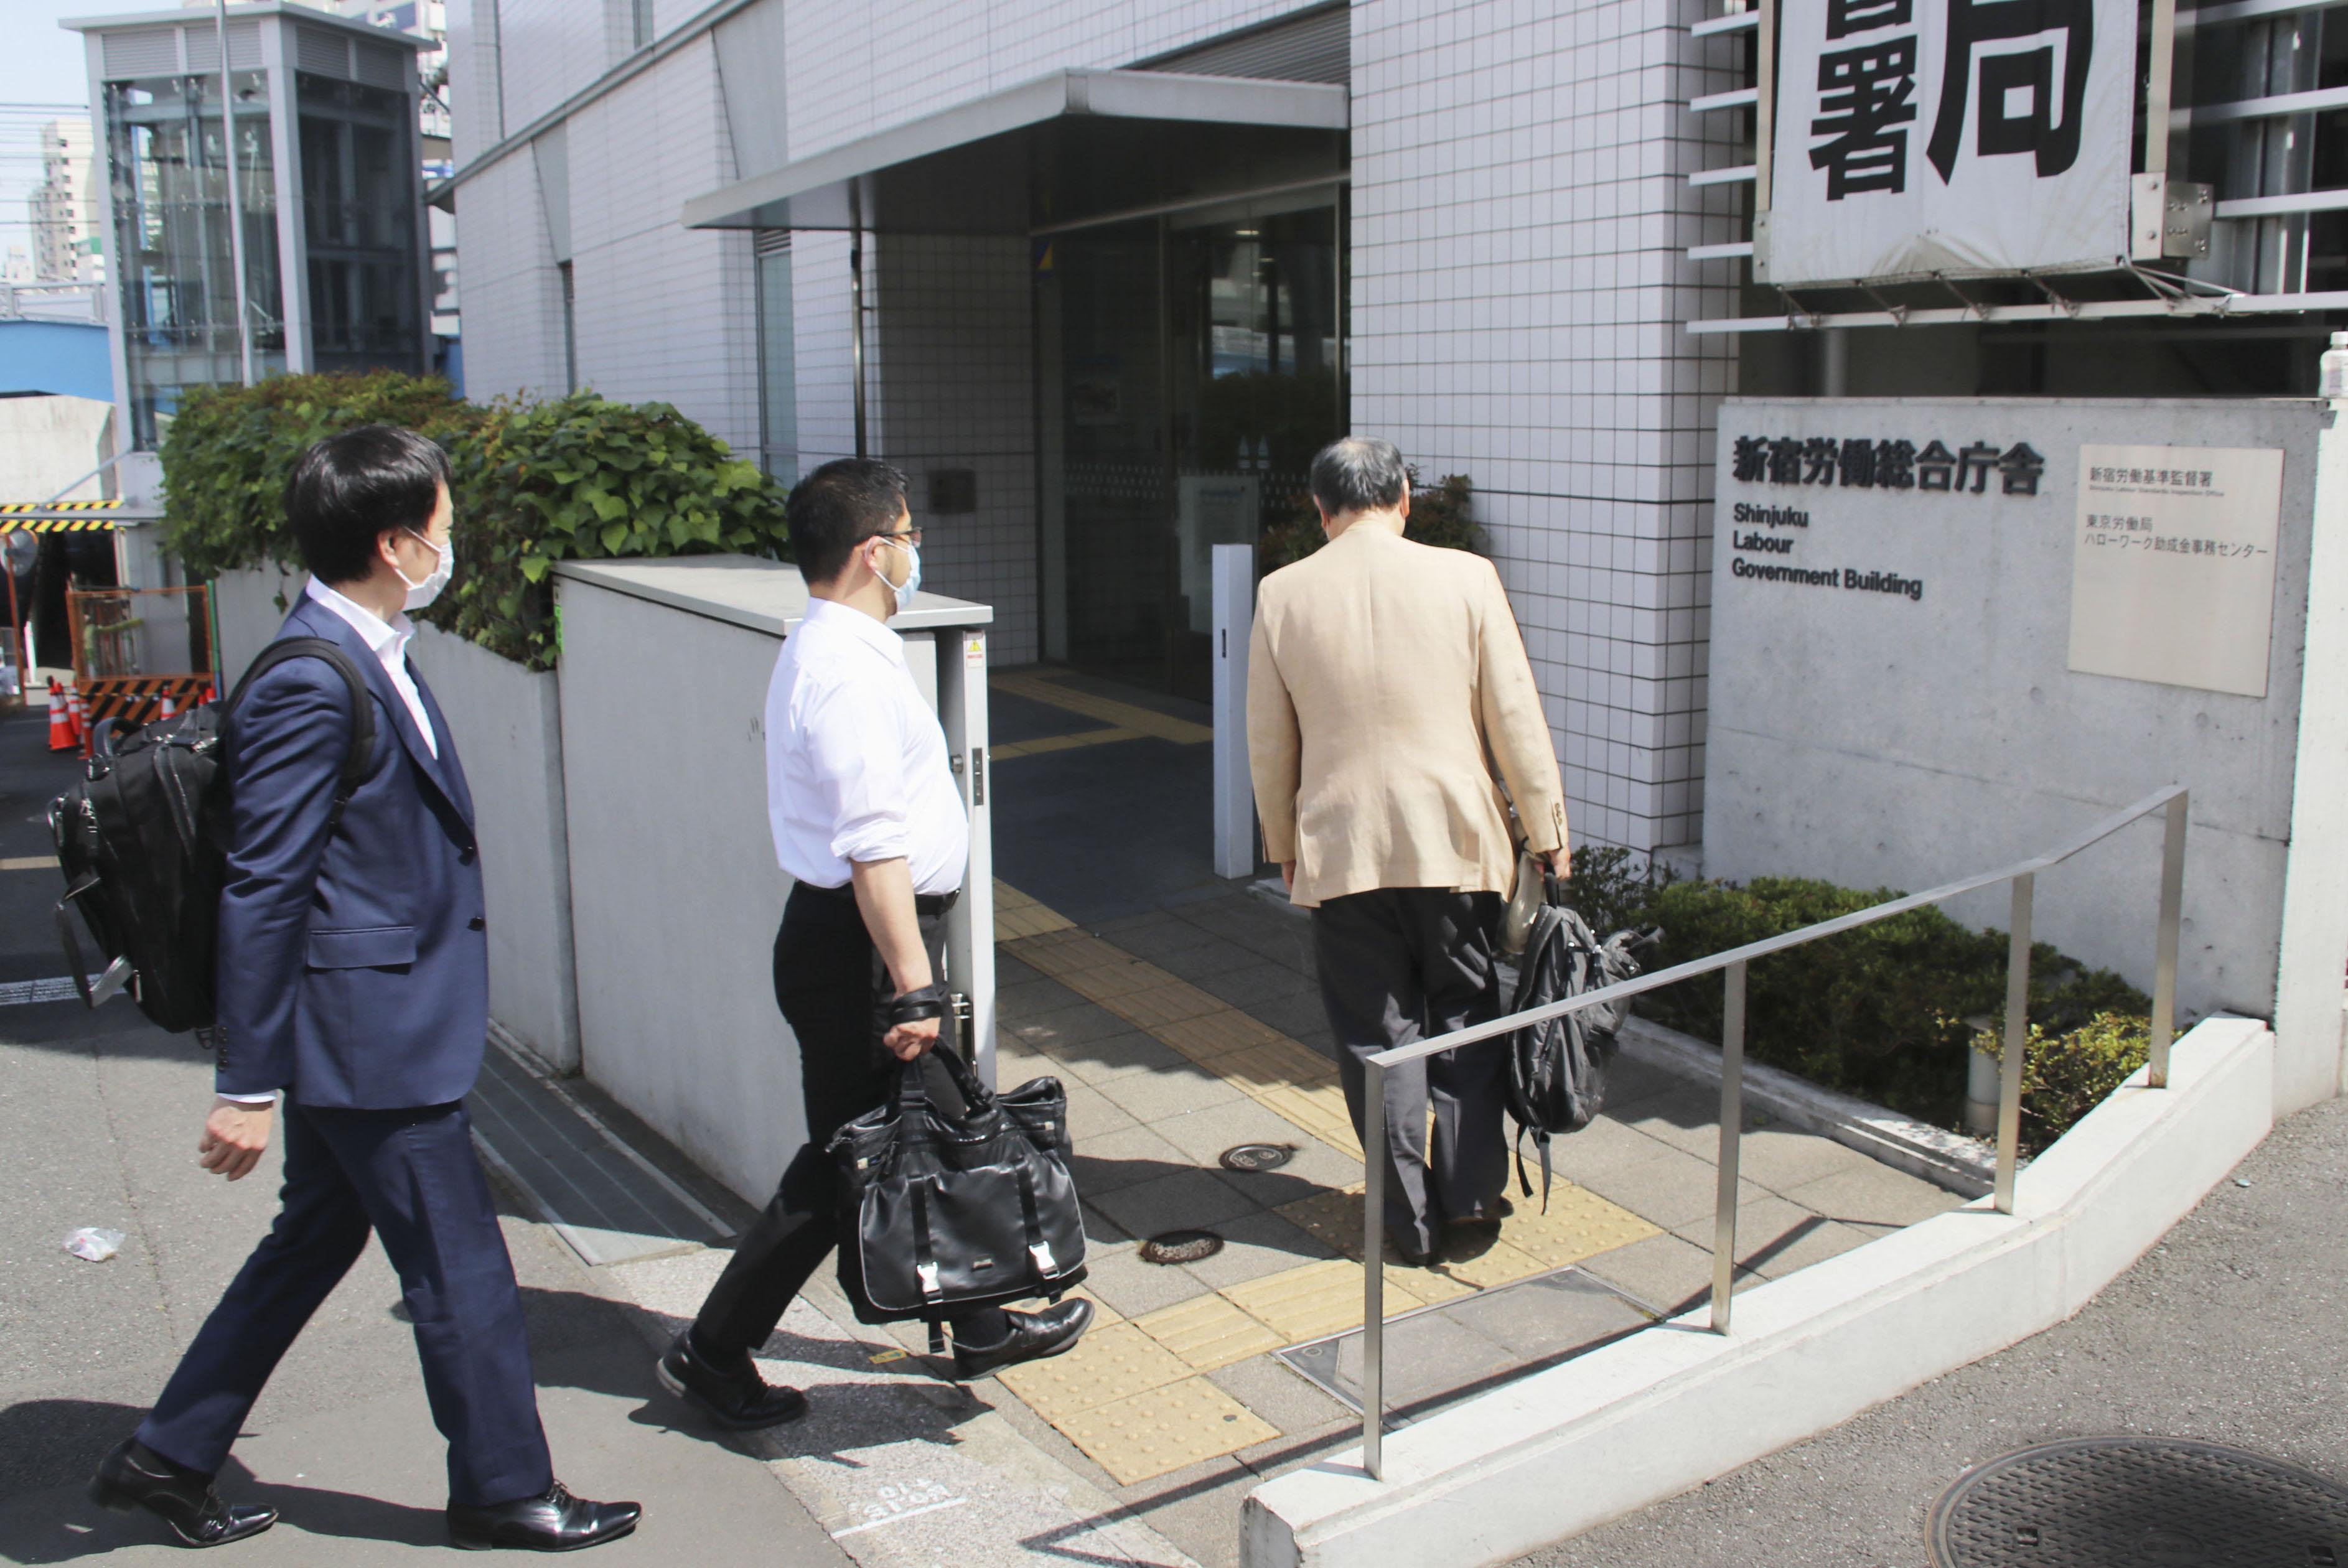 新型コロナウイルスに感染した看護師の労災申請のため、新宿労働基準監督署に入る弁護士ら=15日午後、東京都新宿区